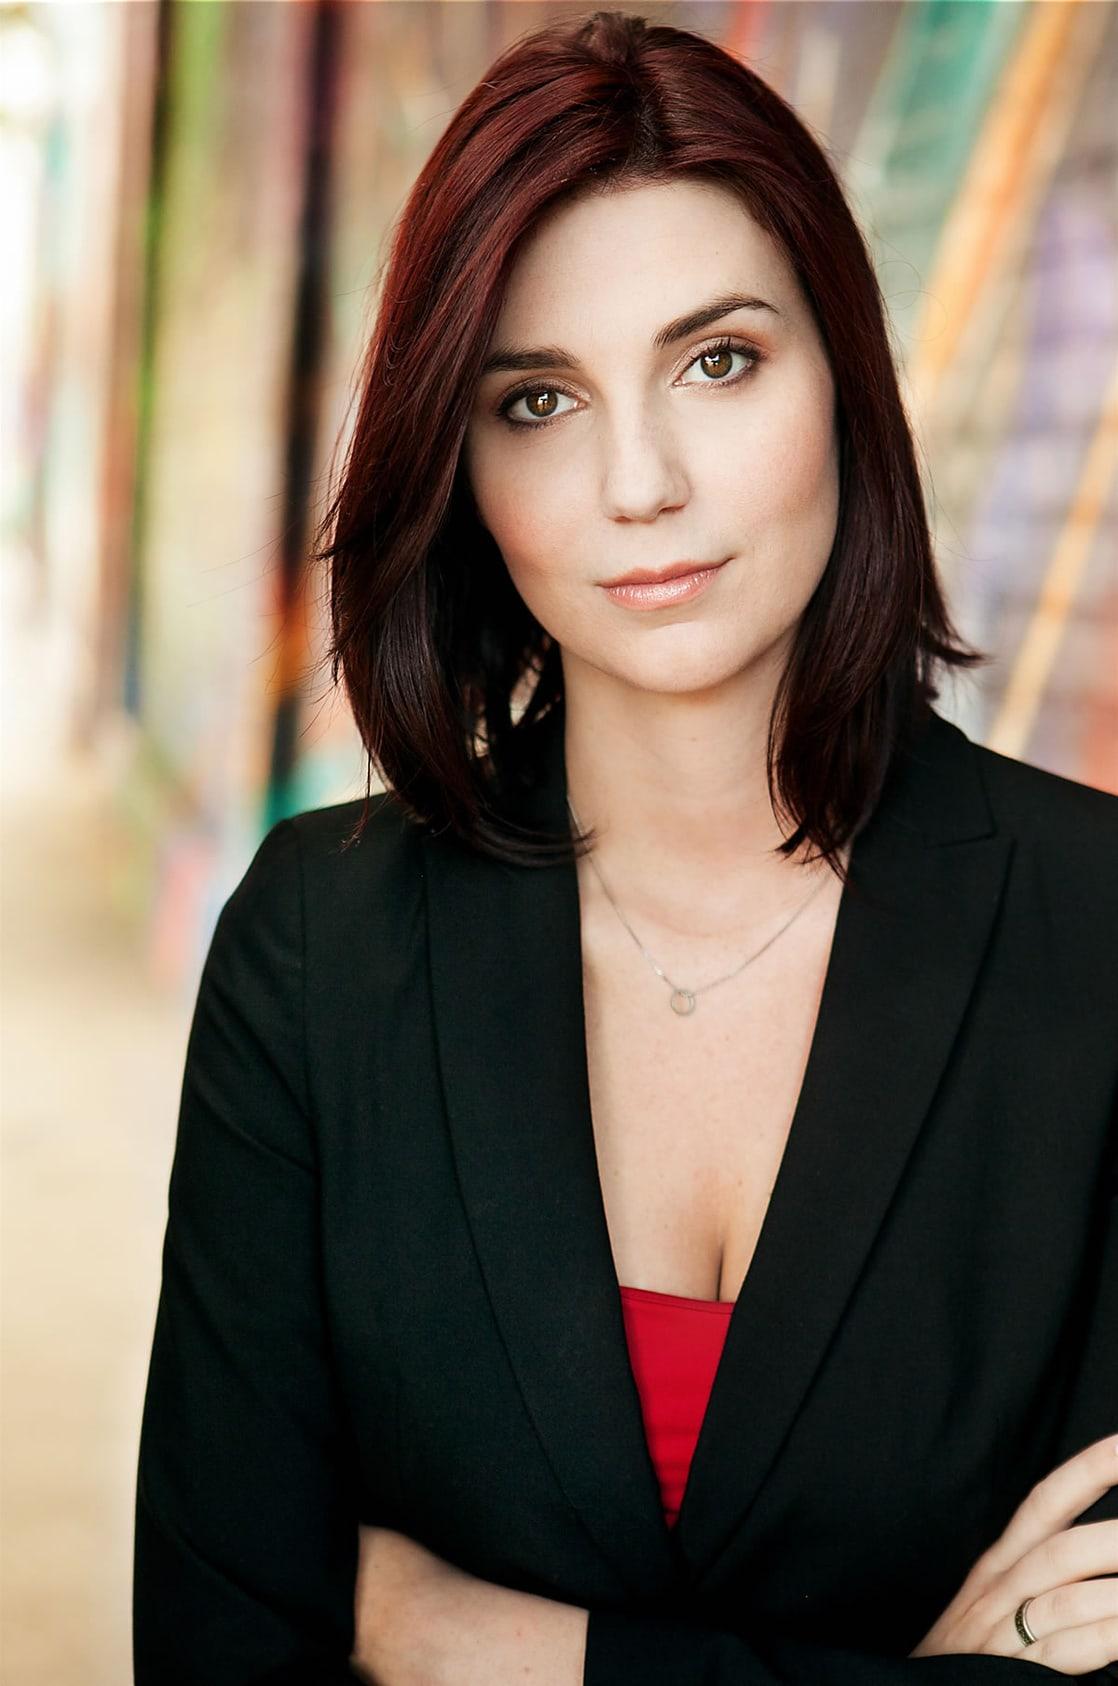 Samantha Stewart pharmacist